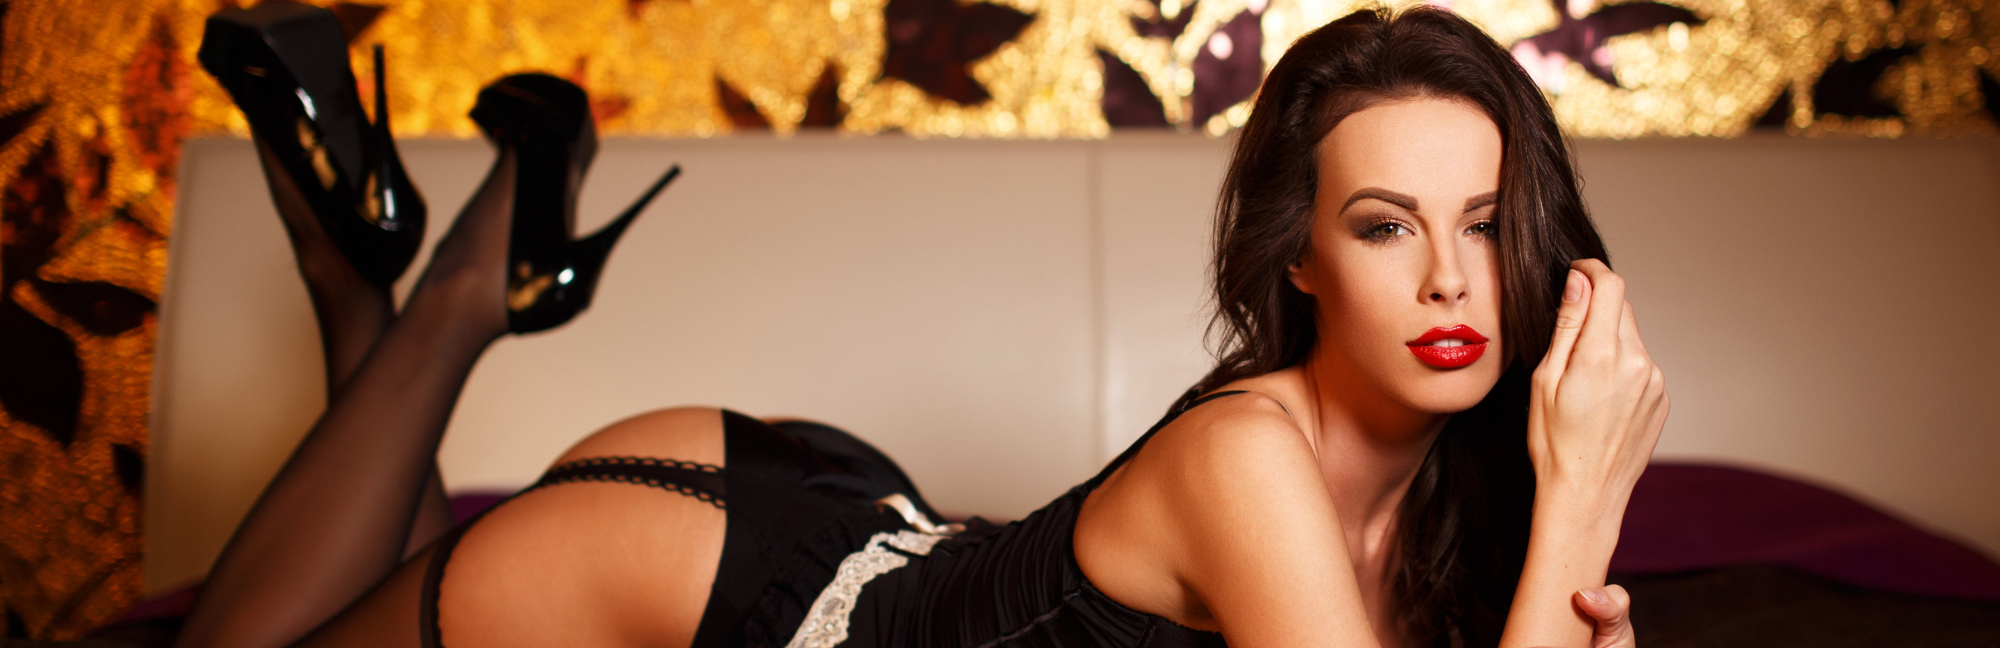 Erotic services niagara #10